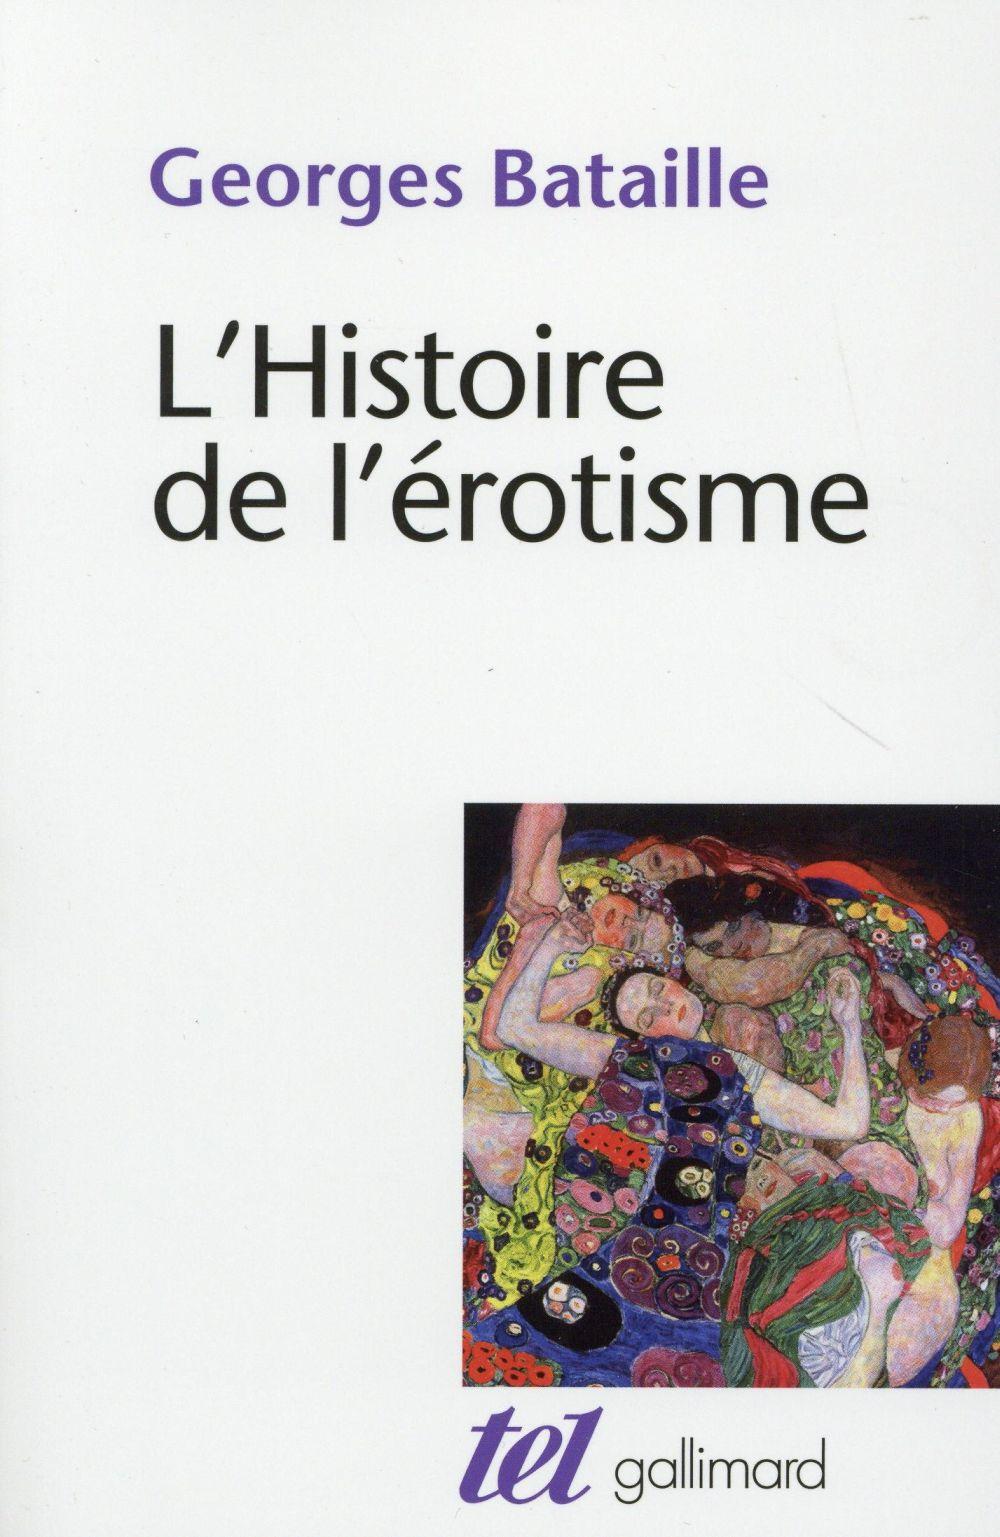 HISTOIRE DE L'EROTISME